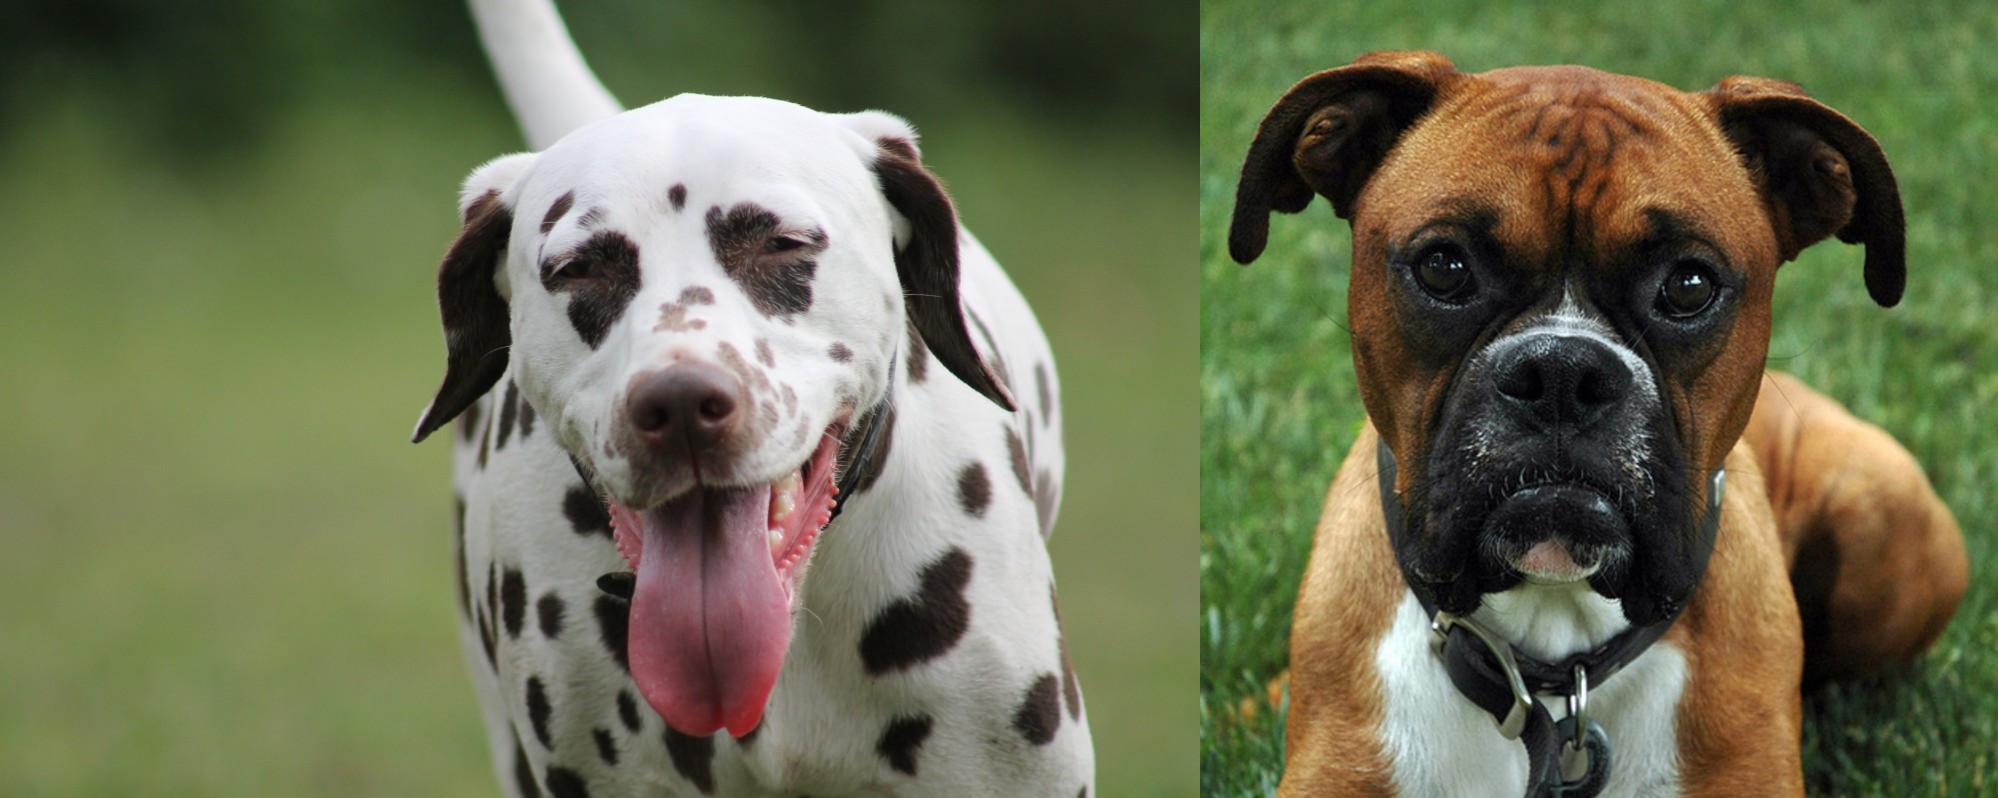 Dalmatian Vs Boxer Breed Comparison